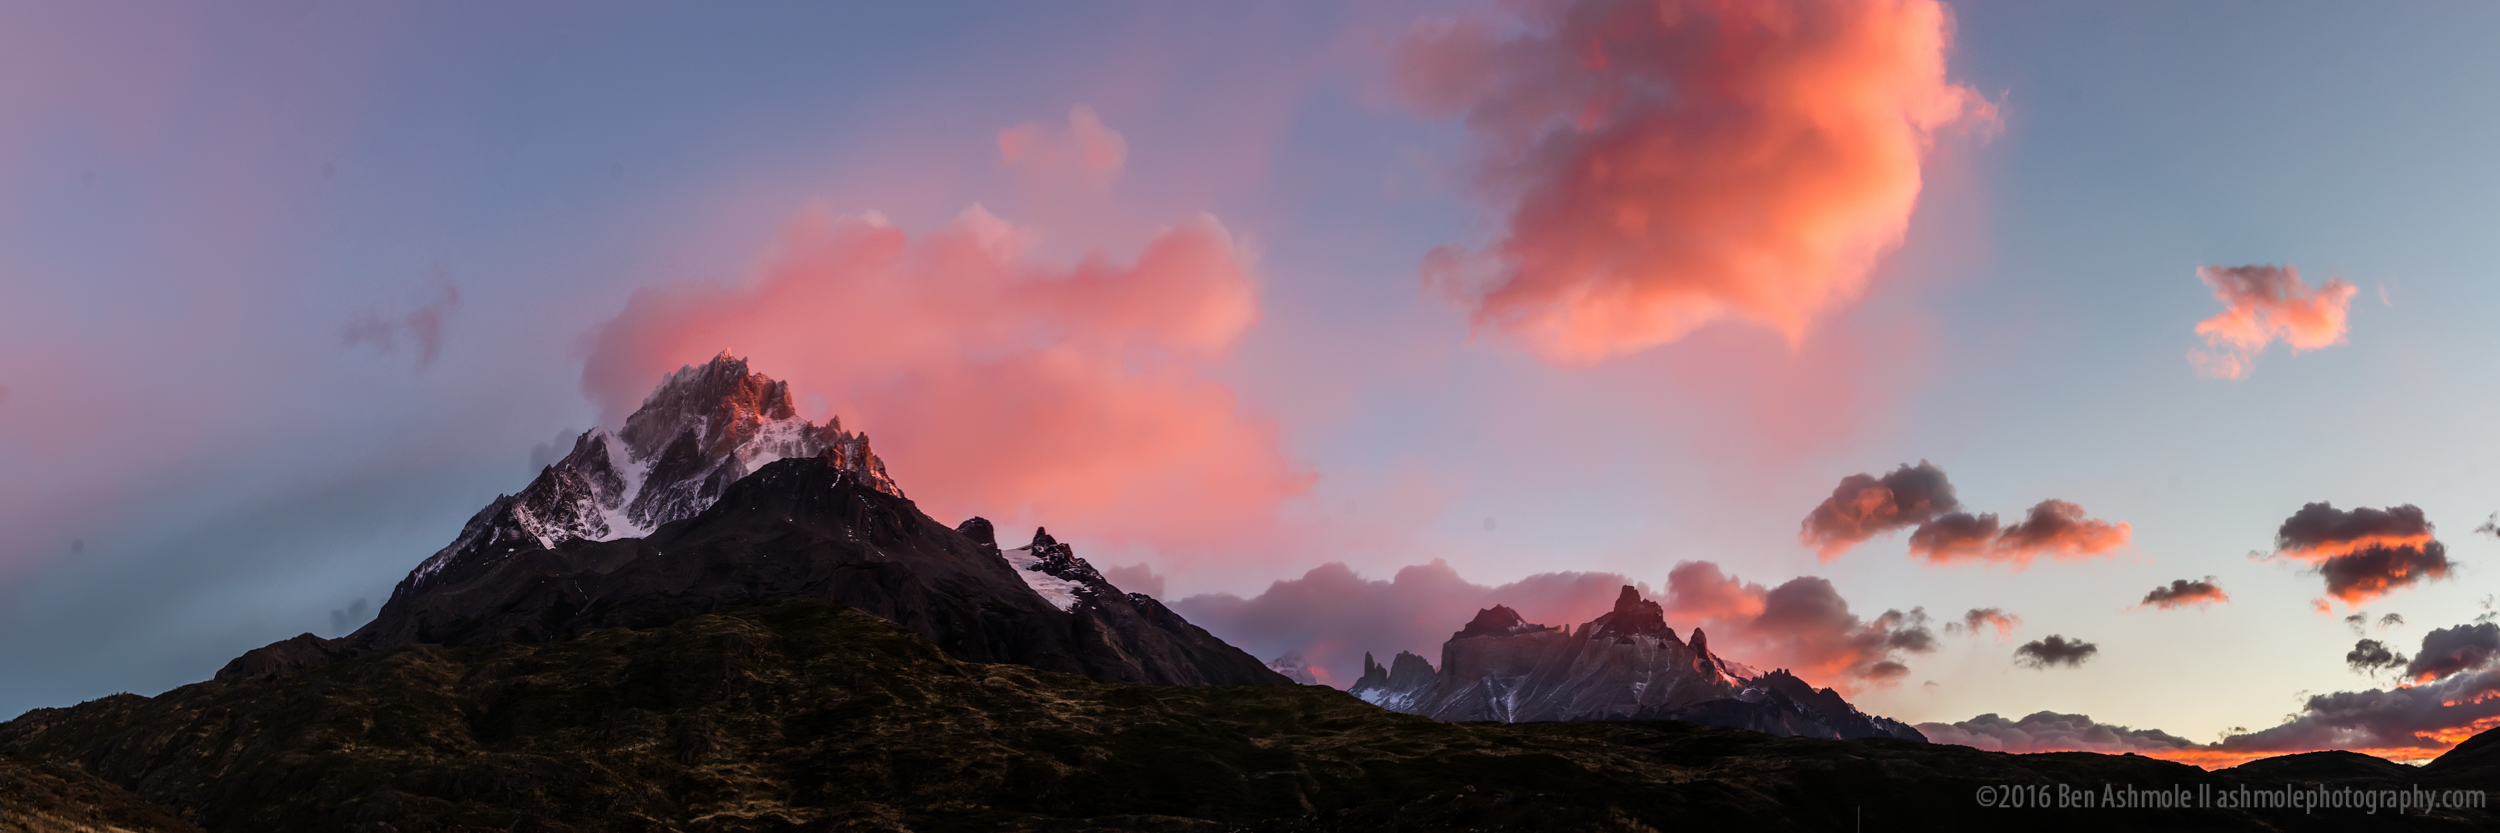 Torres Del Paine Sunrise Panorama, Torres Del Paine, Patagonia,